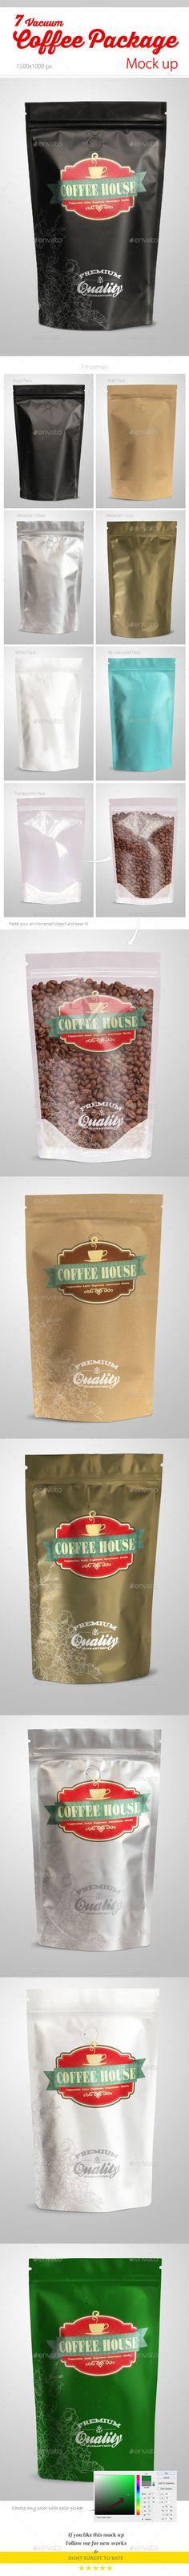 Coffee Vacuum Package Mock-up   Buy and Download: http://graphicriver.net/item/coffee-vacuum-package-mockup/9848938?ref=ksioks